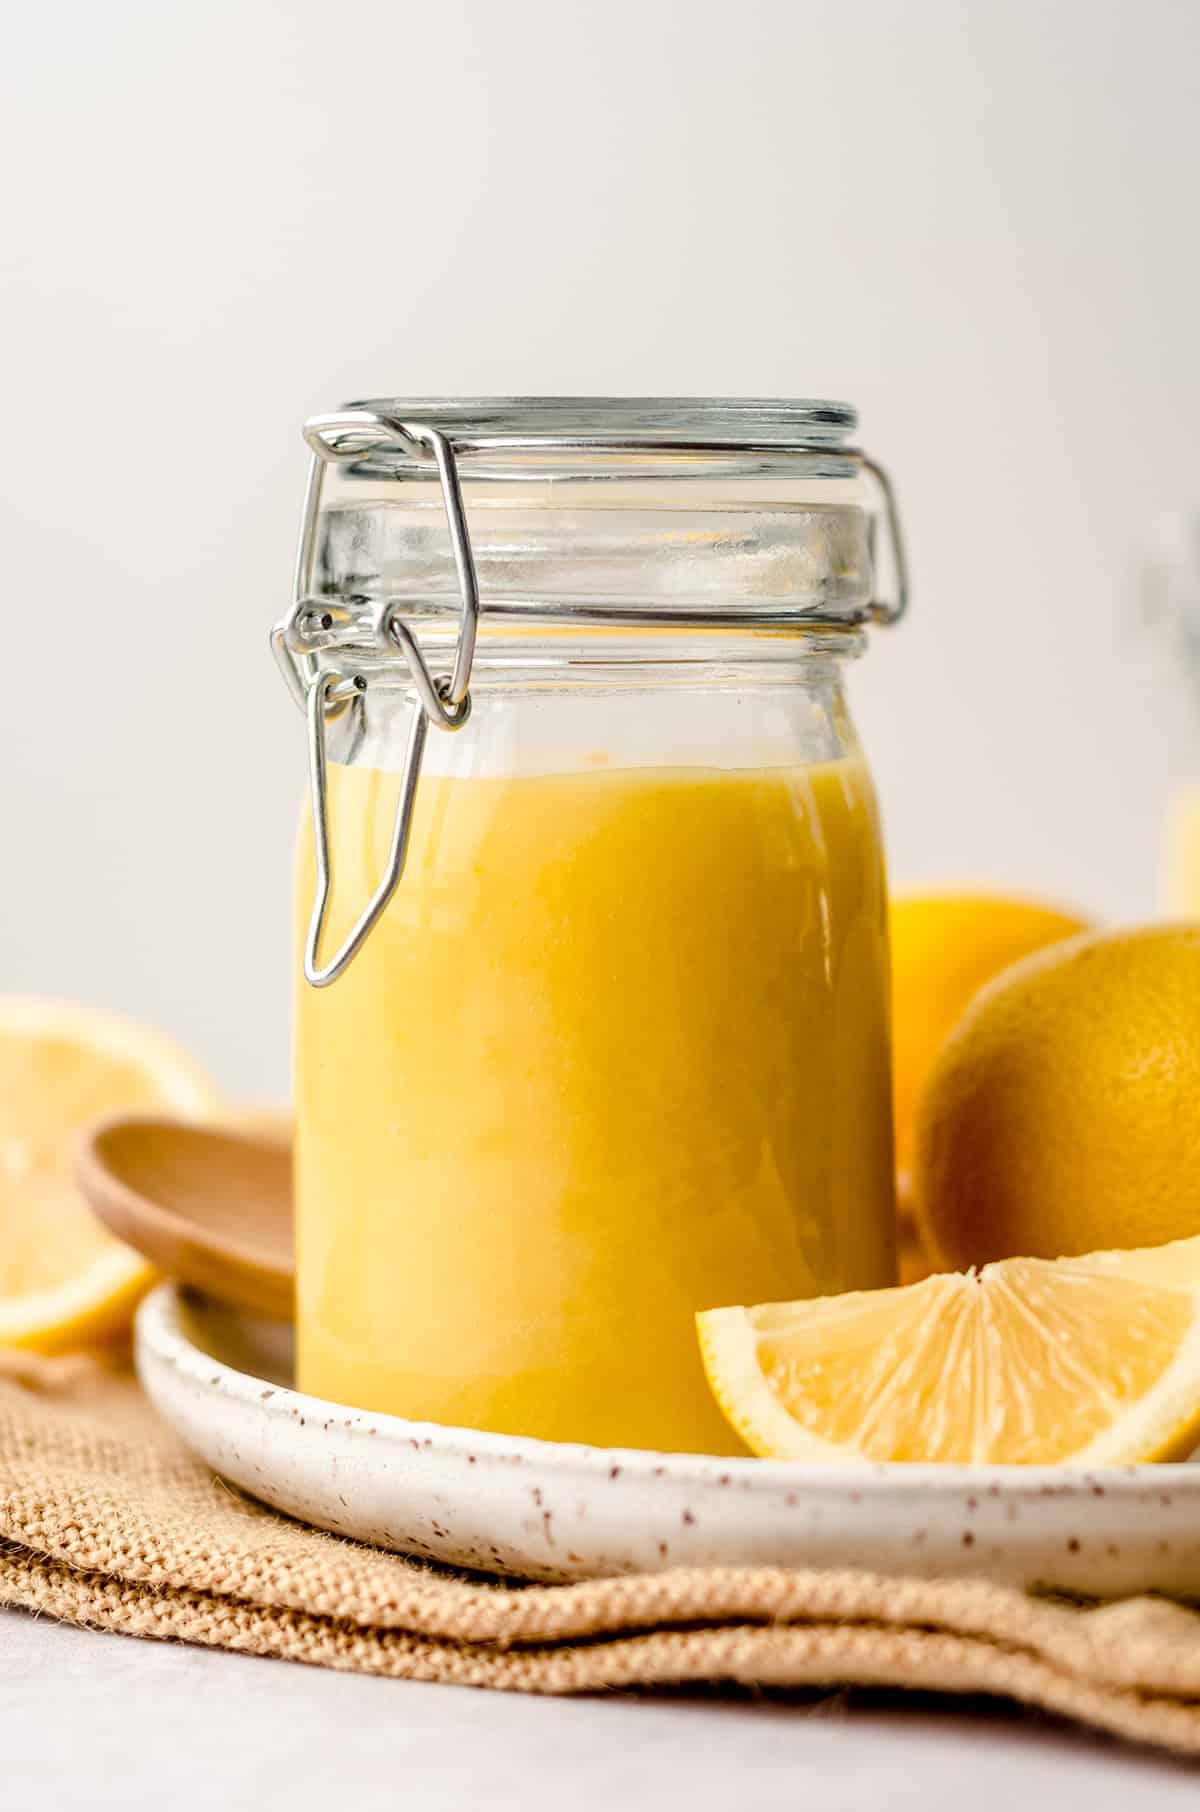 a jar of lemon curd on a plate with lemons